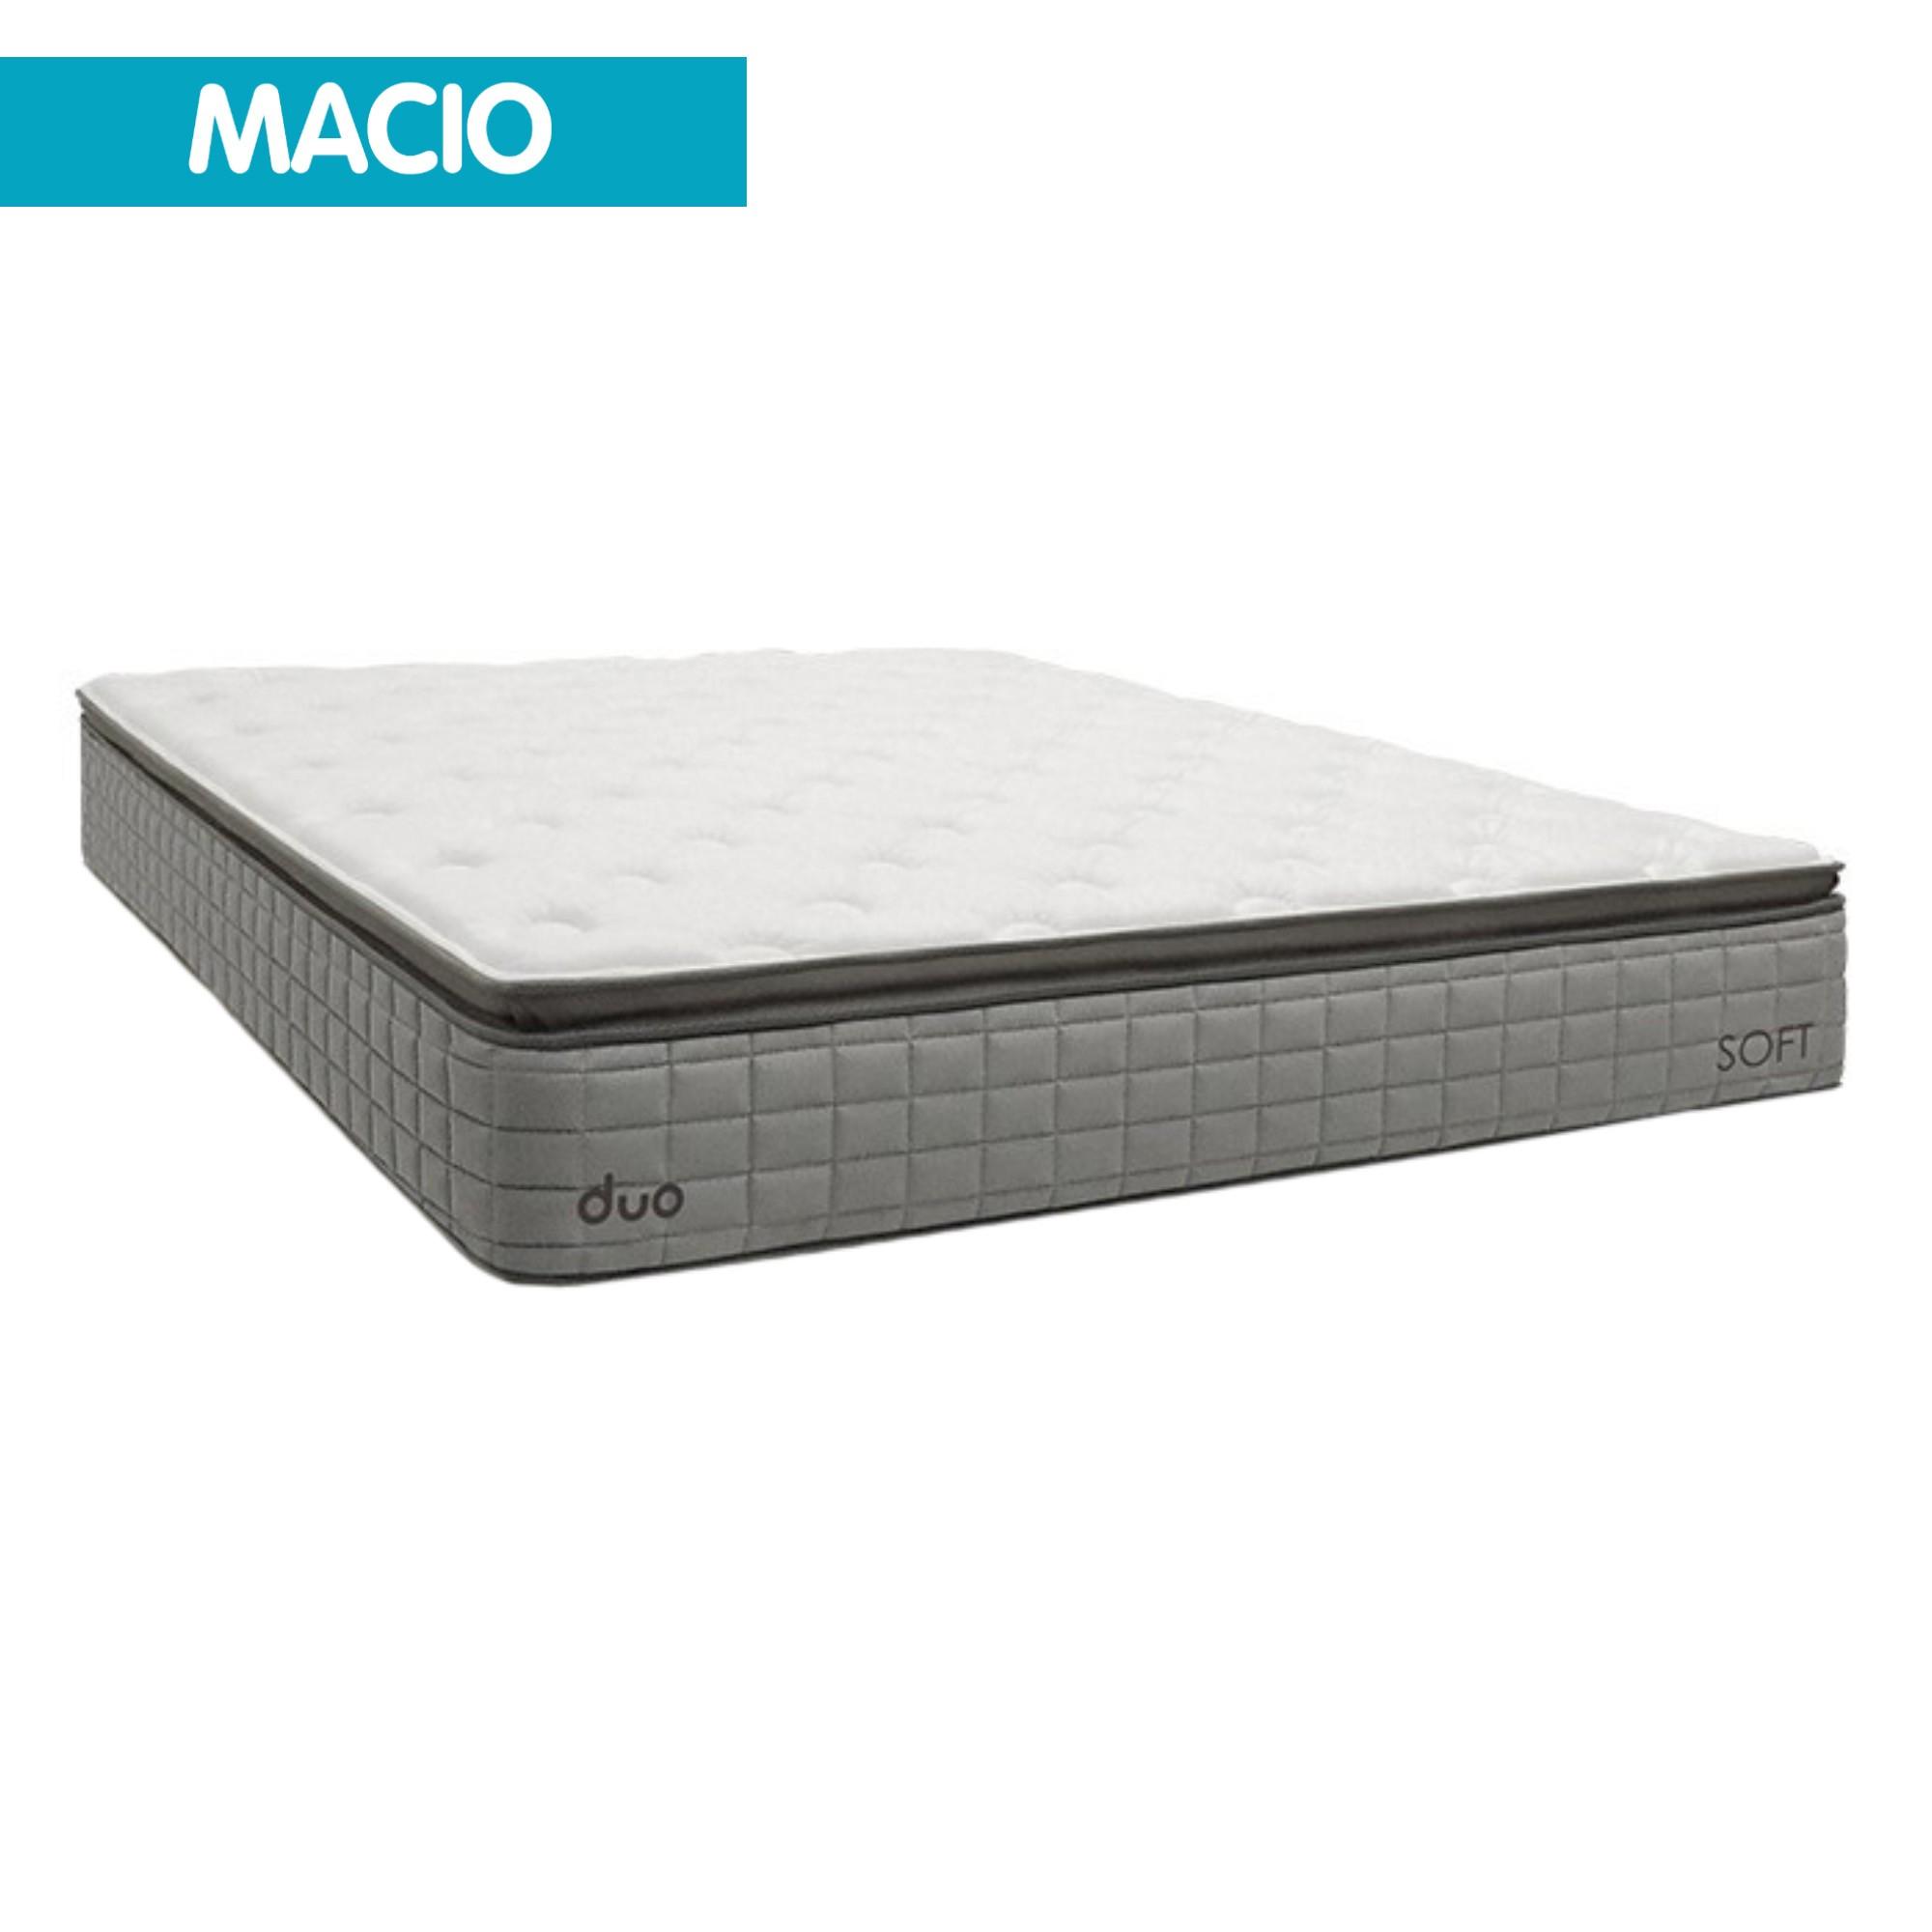 Colchão MGA Duo Soft 30 cm [Queen 158 x 198 cm]